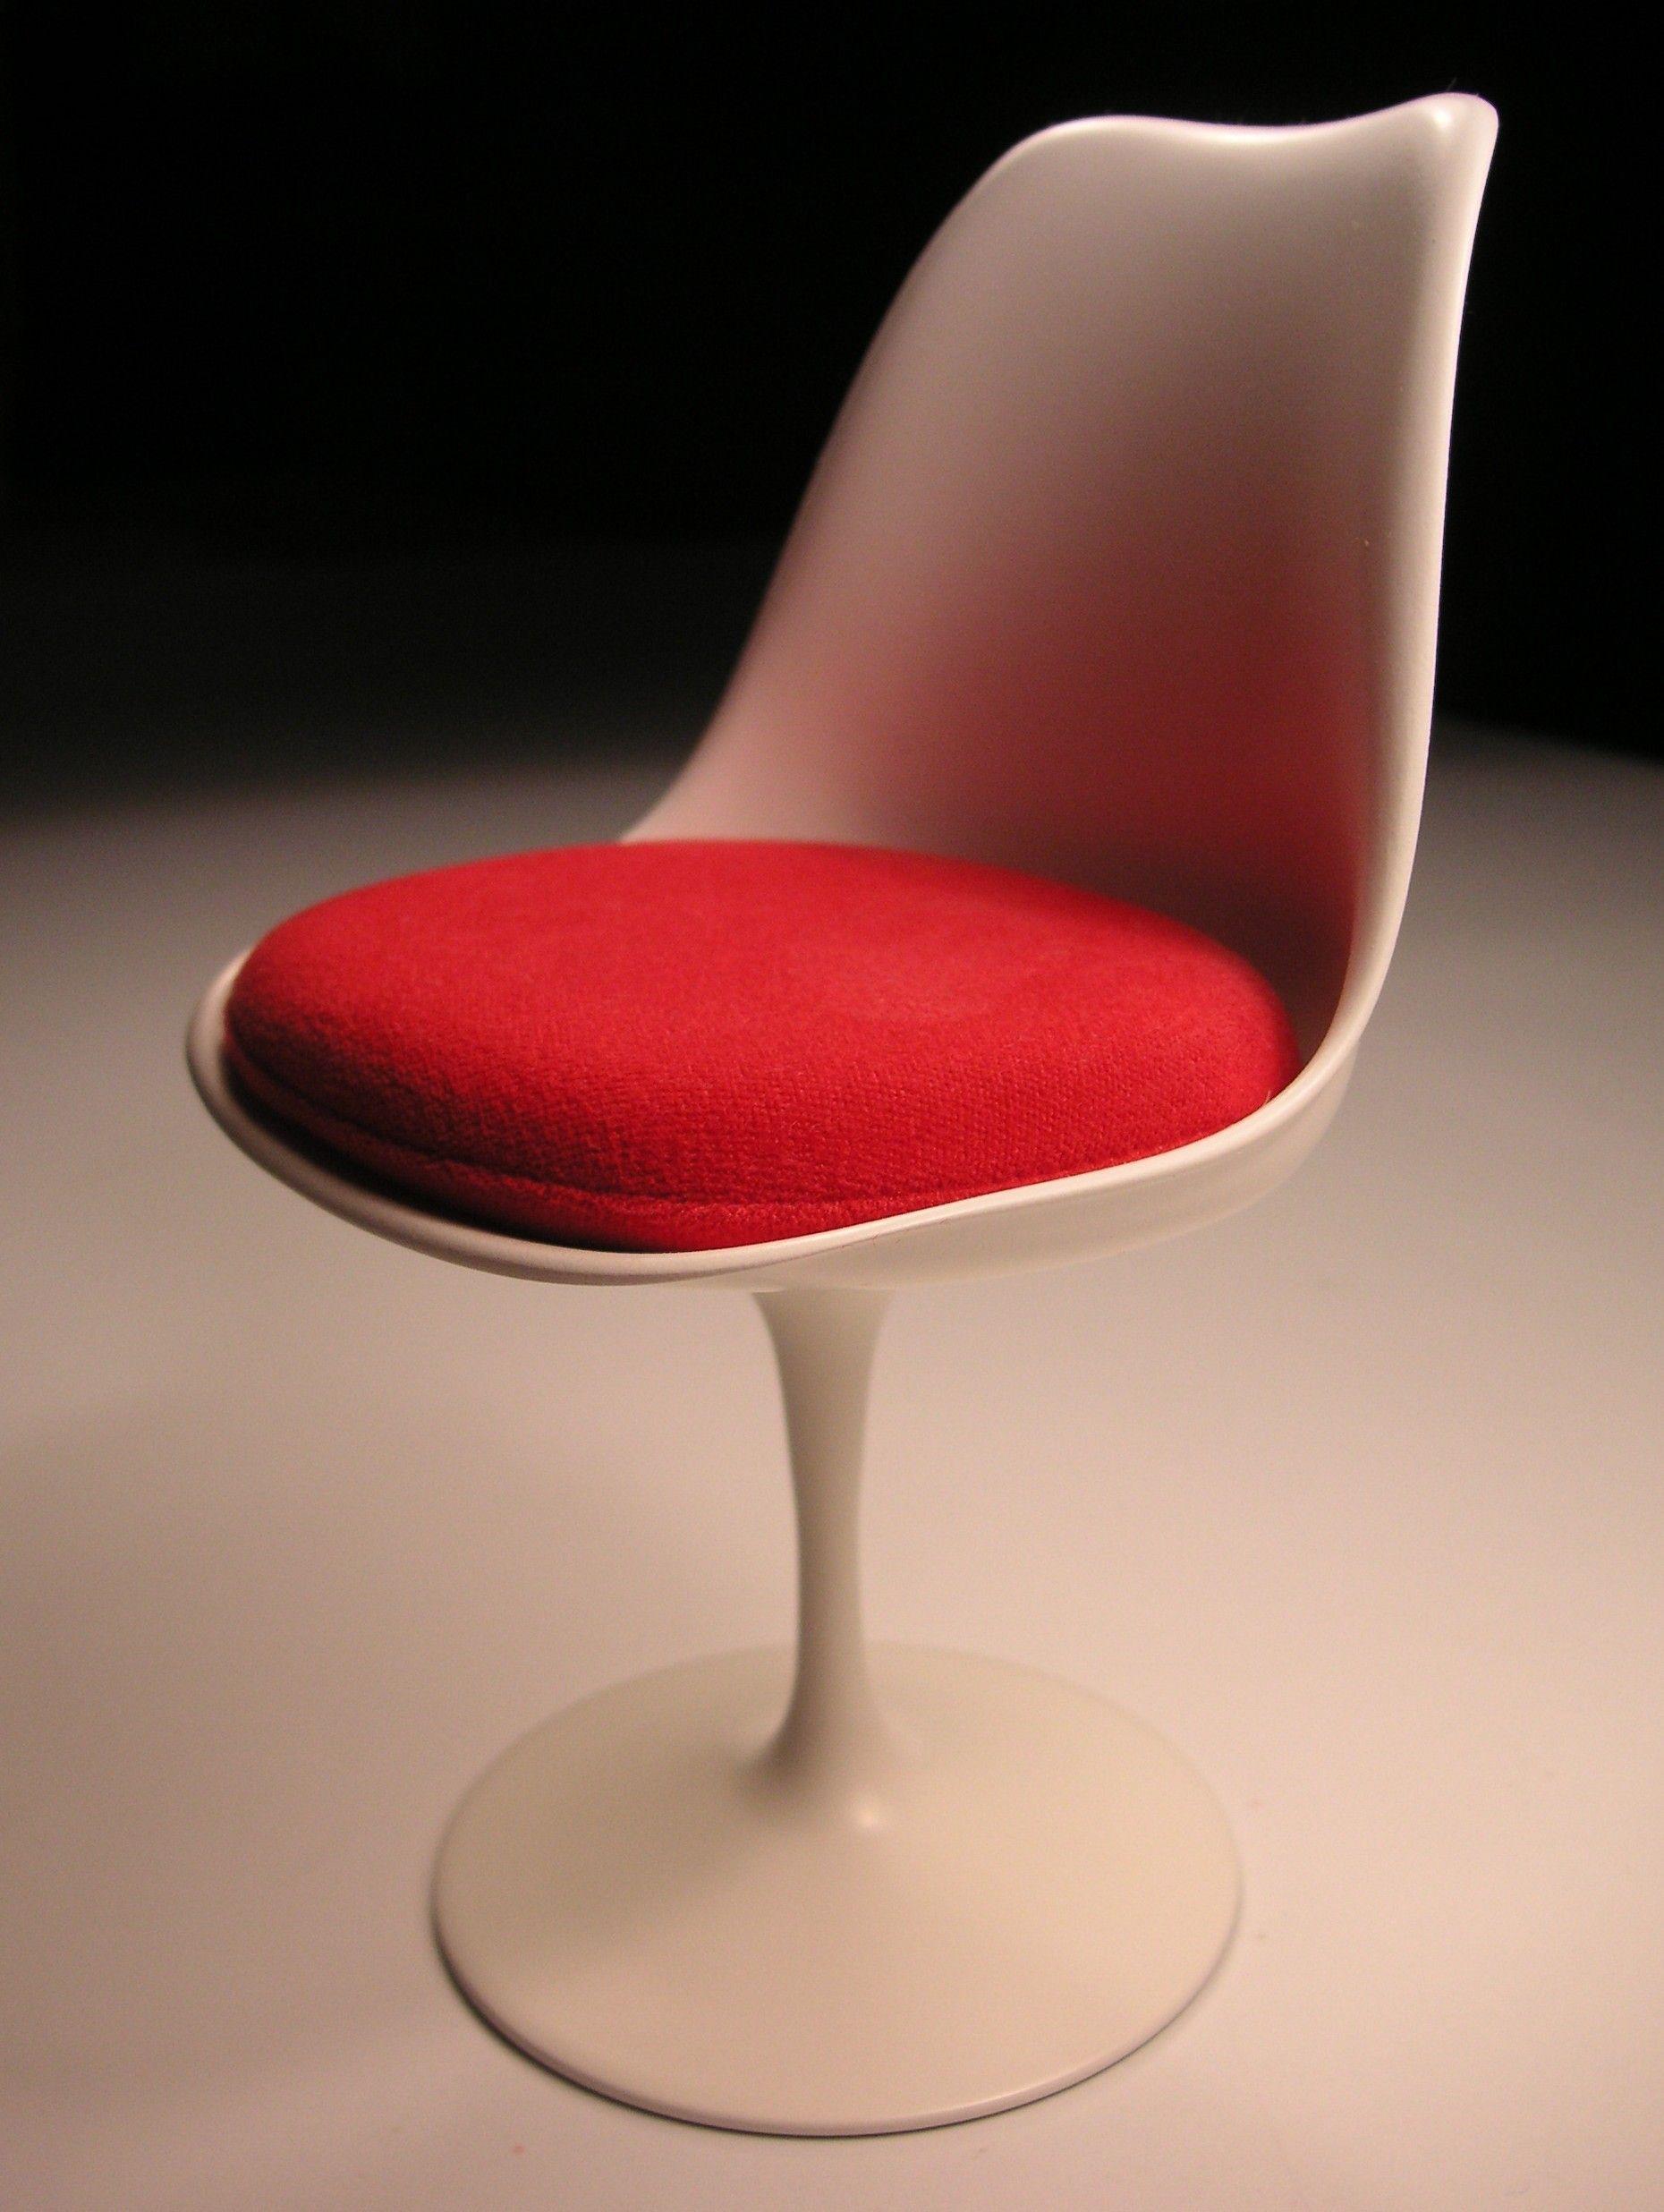 Mid century furniture in chicago design mid century modern design mid century modern - Sedia tulip knoll prezzo ...